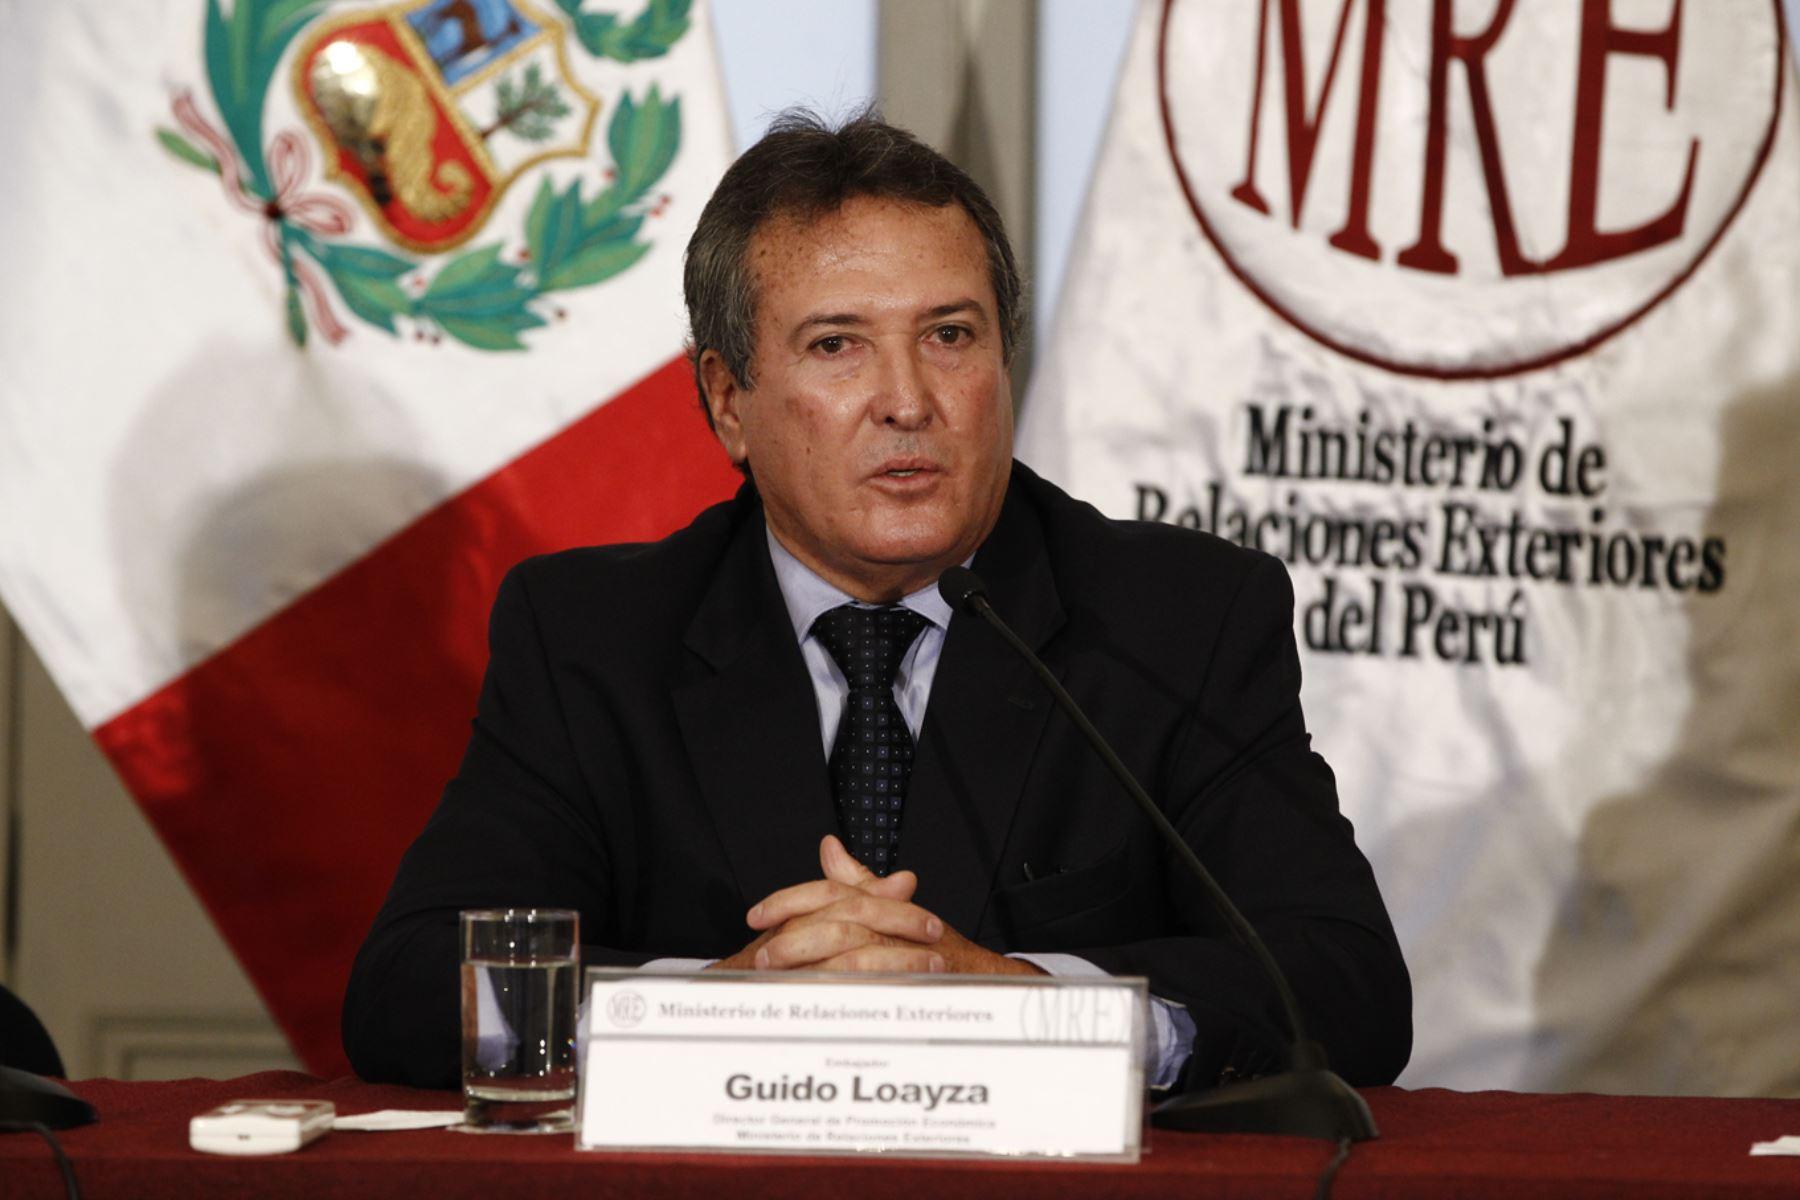 Lima Per Febrero 18 Exposici N Del Embajador Guido Loayza Durante La Presentaci N De La